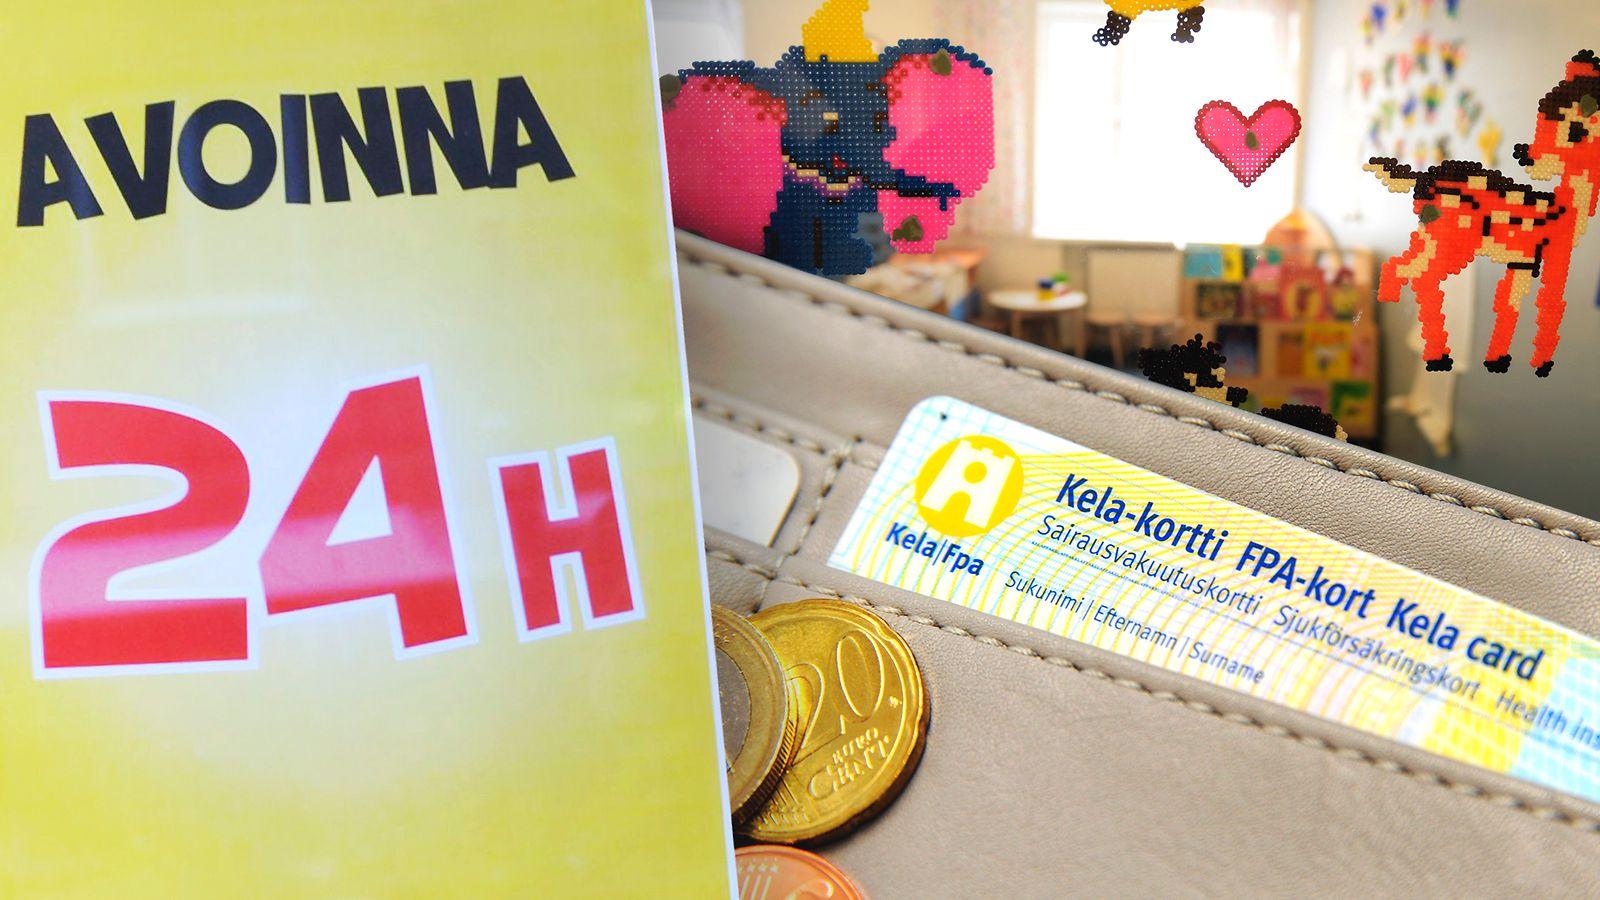 Nämä päätökset eduskunta junttasi läpi – kaupat aina auki, päivähoitoa rajataan... - MTVuutiset.fi